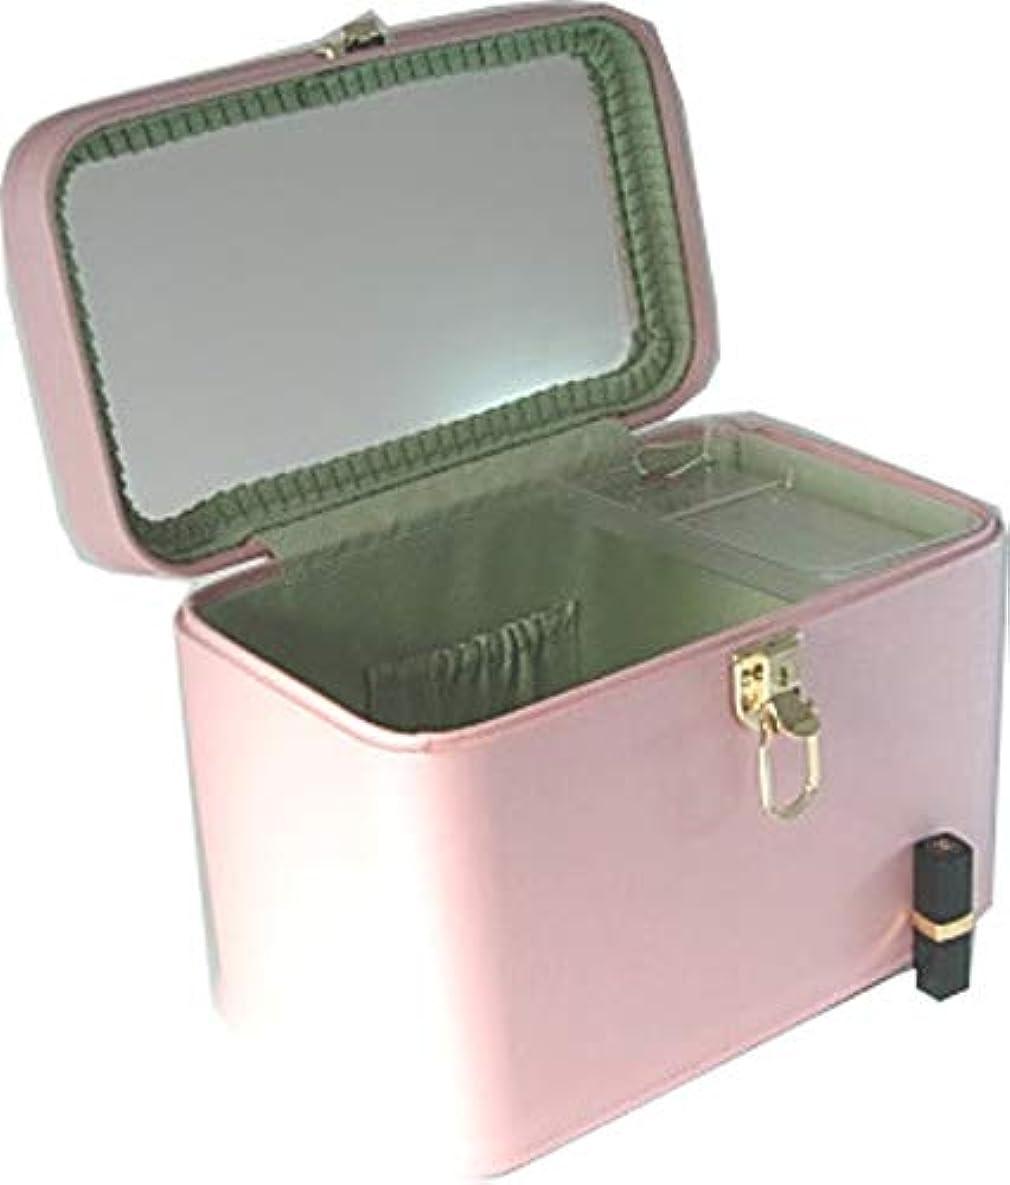 仮定、想定。推測蜂興味トリプルG2 33cmヨコ パールピンク 日本製 メイクボックス,コスメボックス,メイクアップボックス,トレンチケース,お化粧入れ,化粧雑貨,メーキャップボックス,化粧箱,かわいい,メイク道具箱,メイク雑貨,化粧ボックス